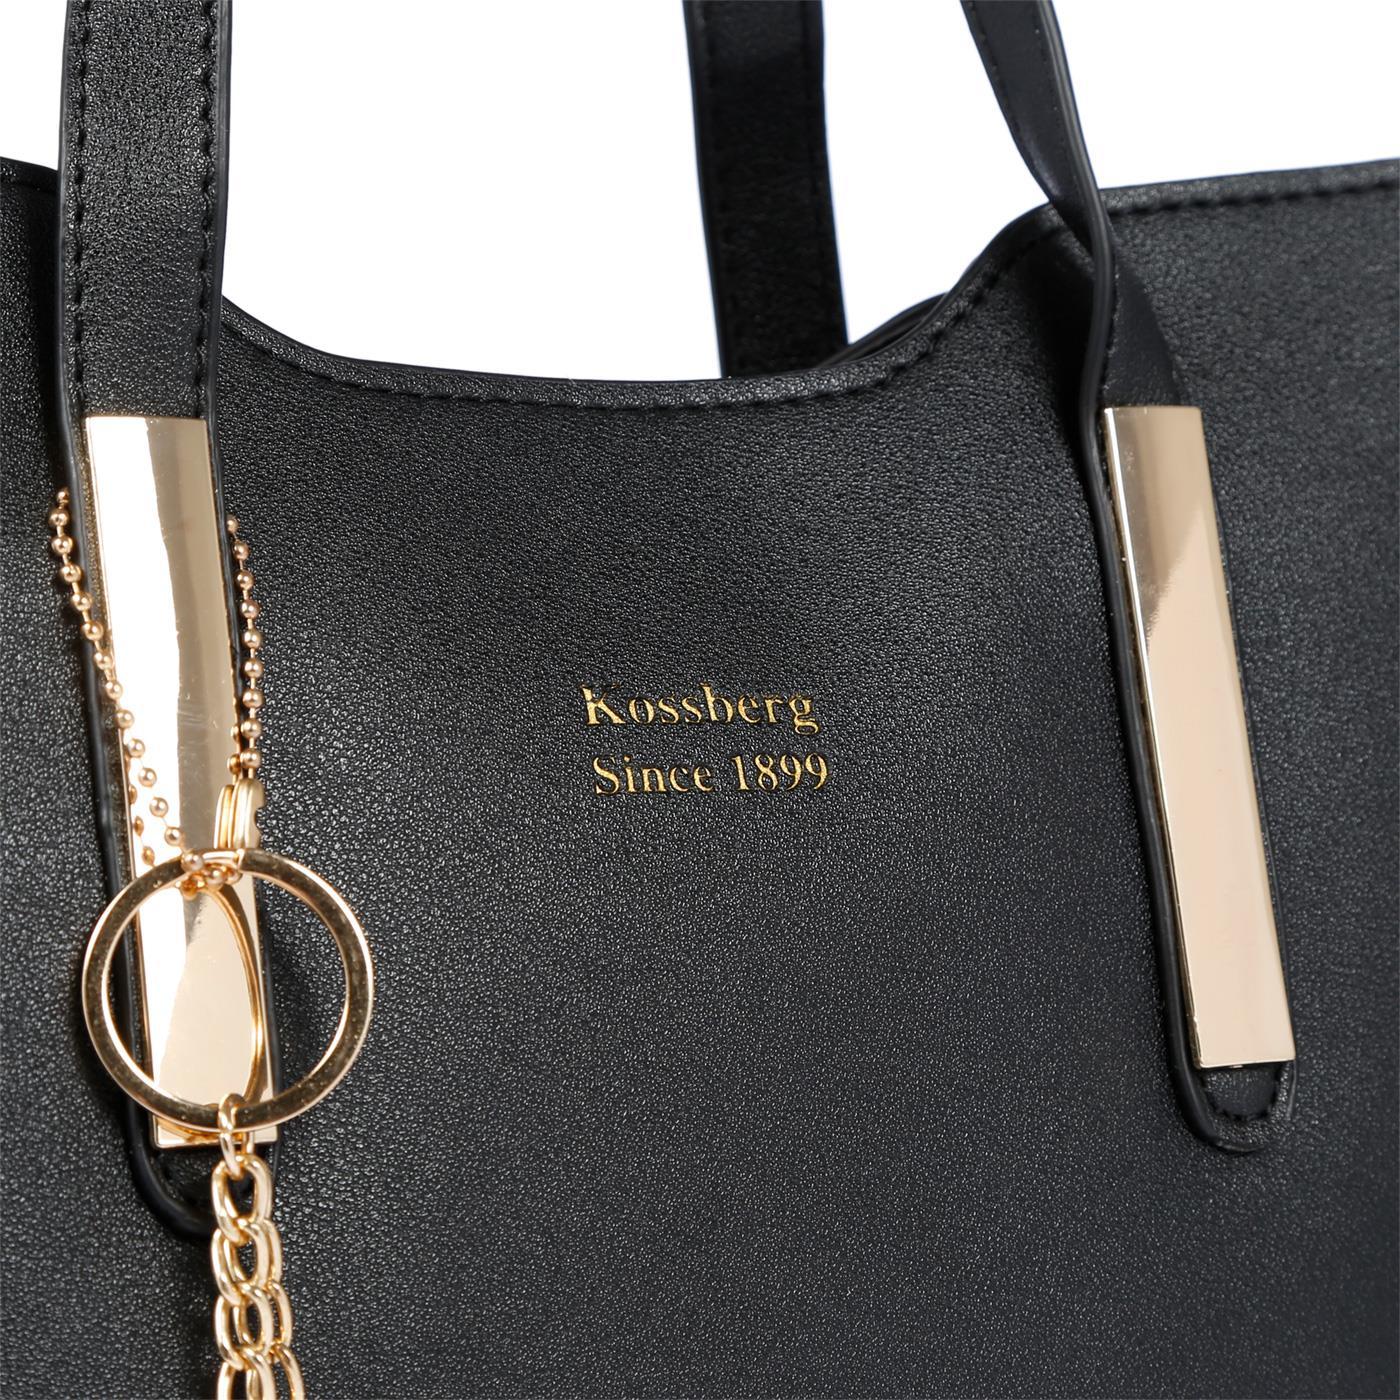 Kossberg-Damen-Tasche-Henkeltasche-Schultertasche-Umhaengetasche-Leder-Optik-Bag Indexbild 20